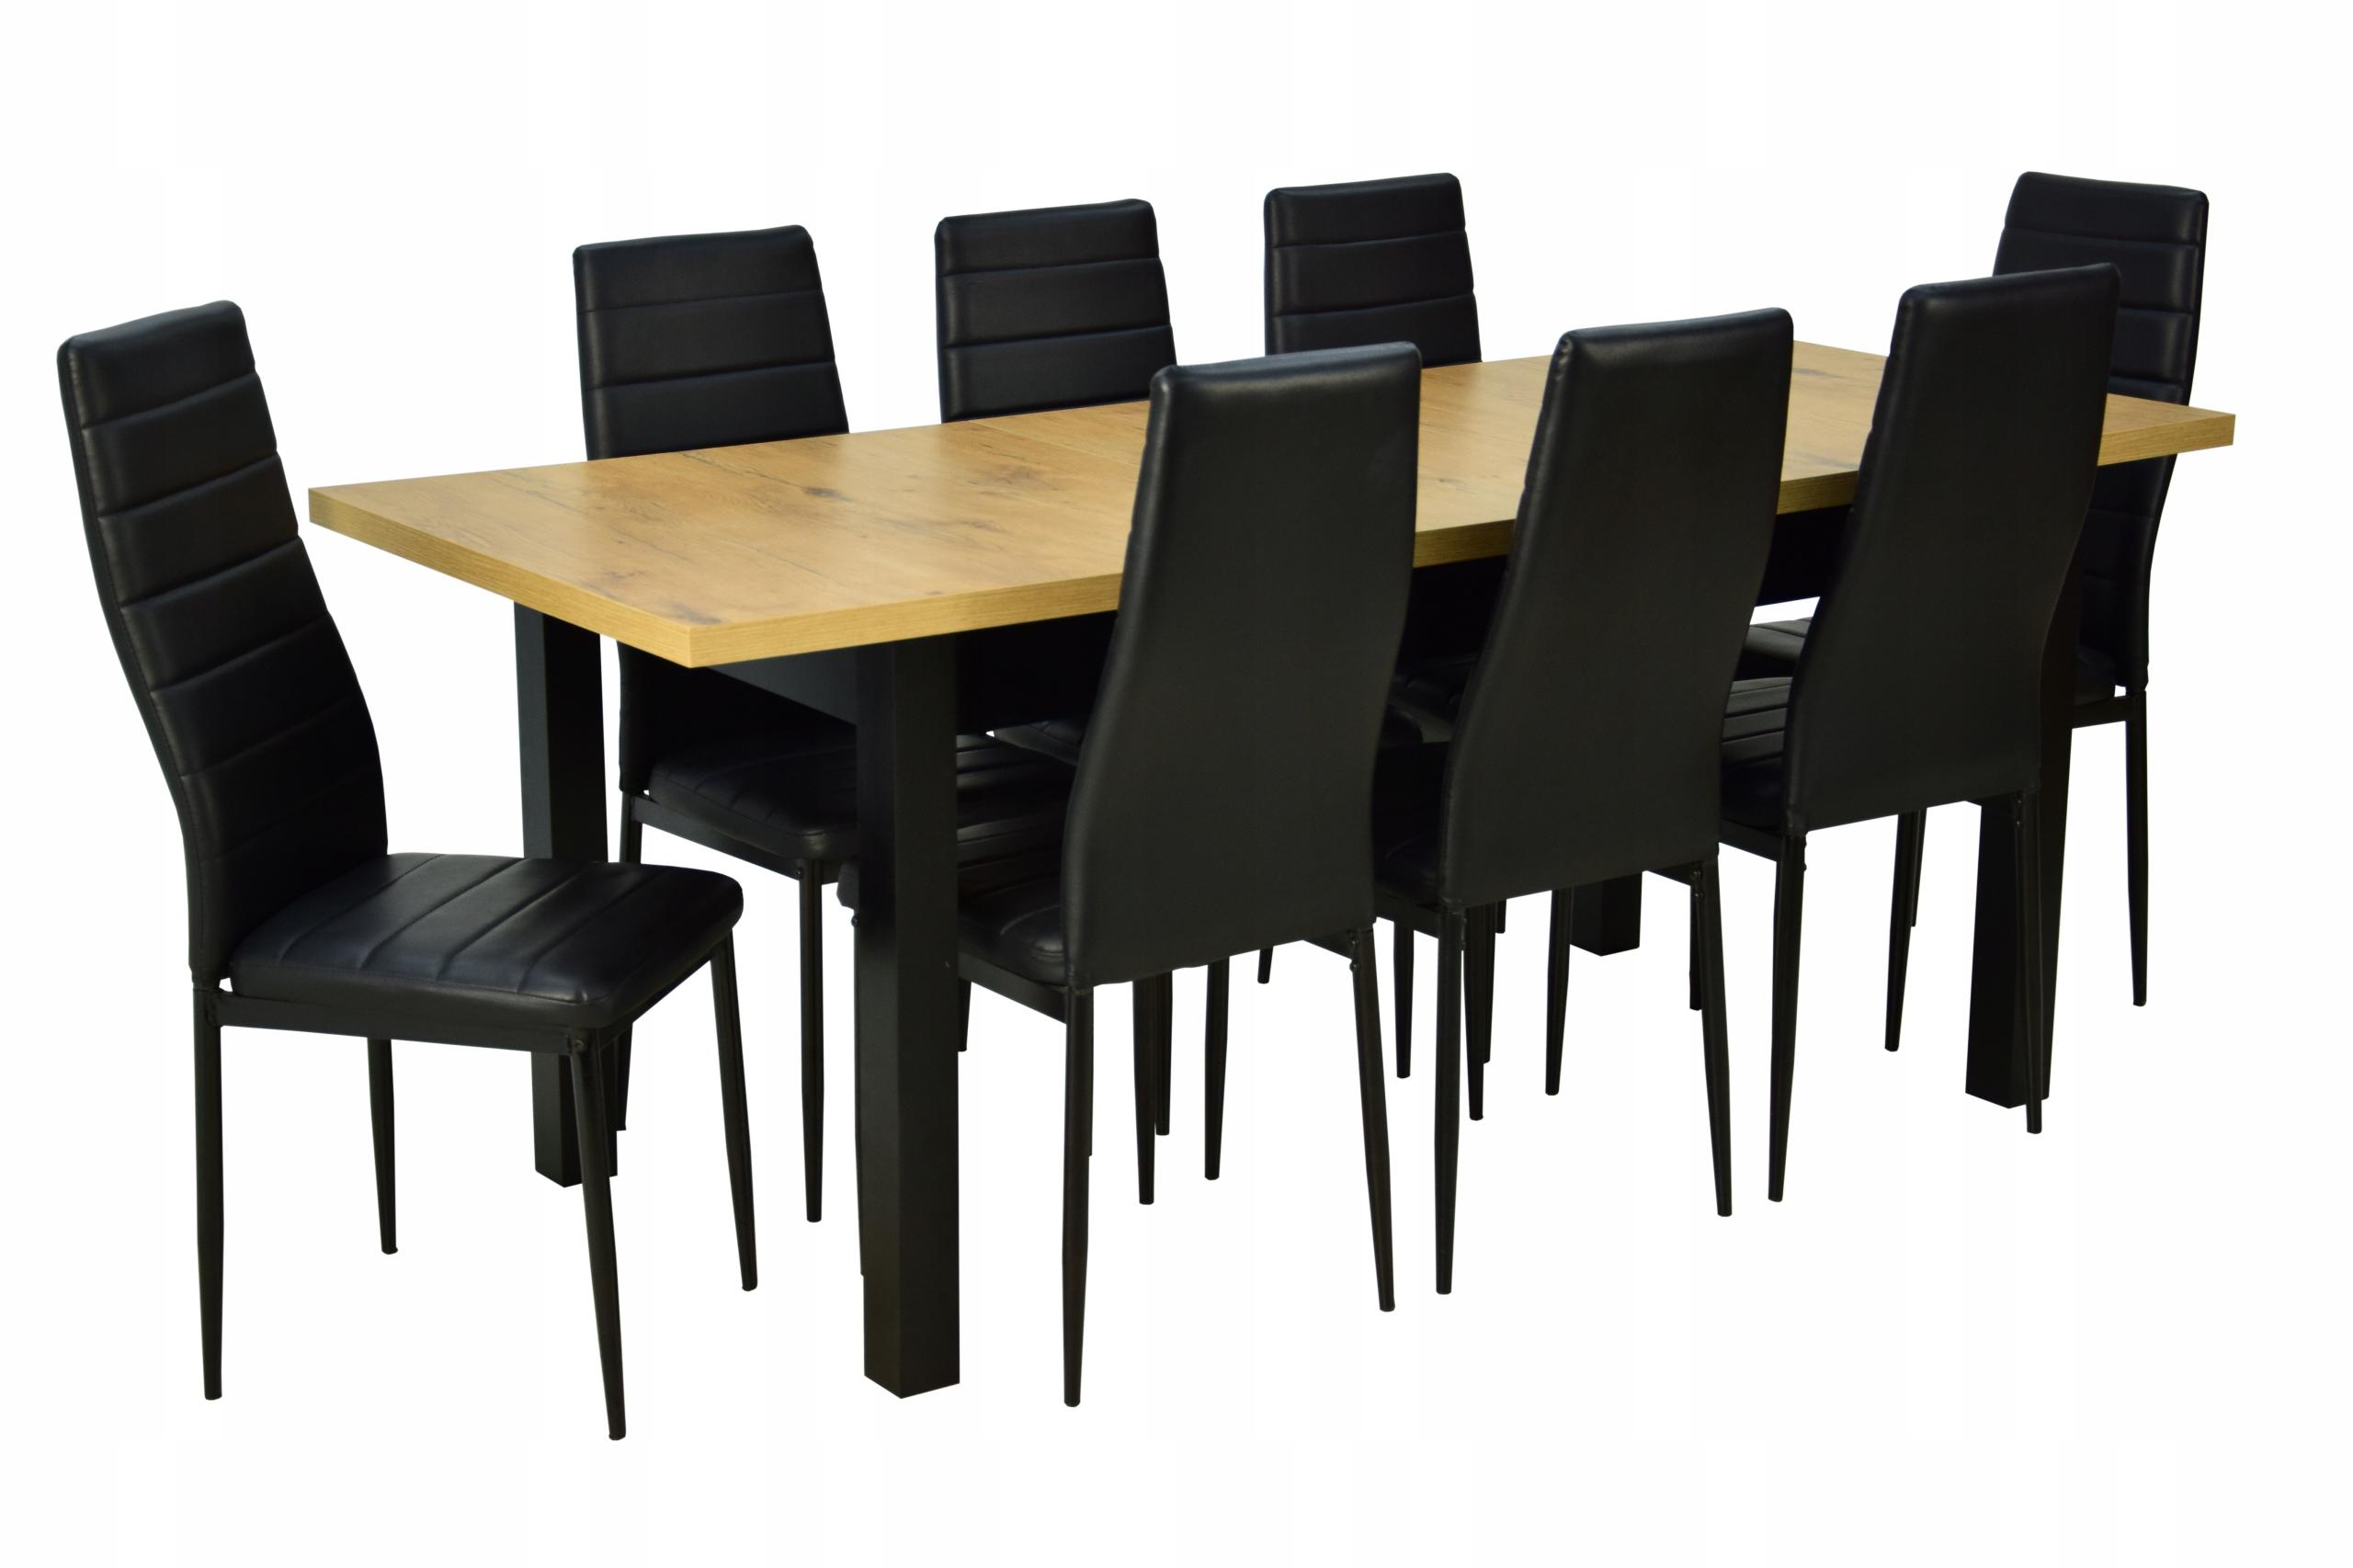 стол Дуб 200 см + 8 стульев Экокожа выбор цвета